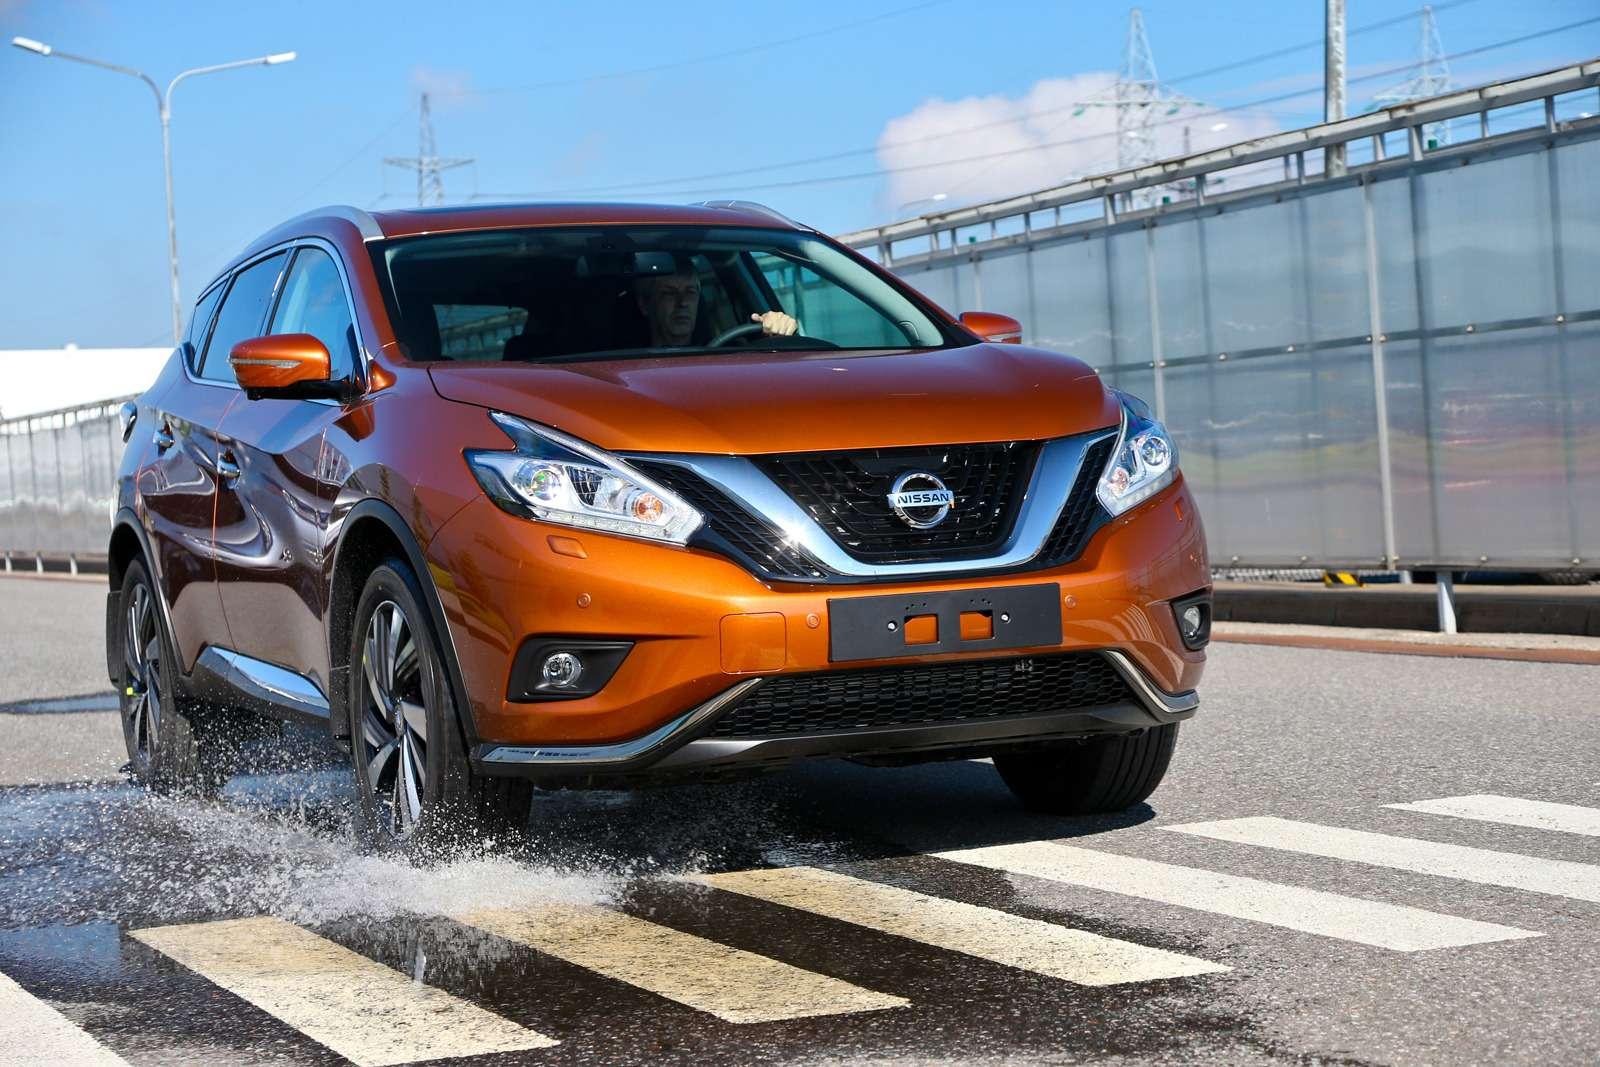 Новый Nissan Murano: мыпоездили нанем первыми!— фото 614154